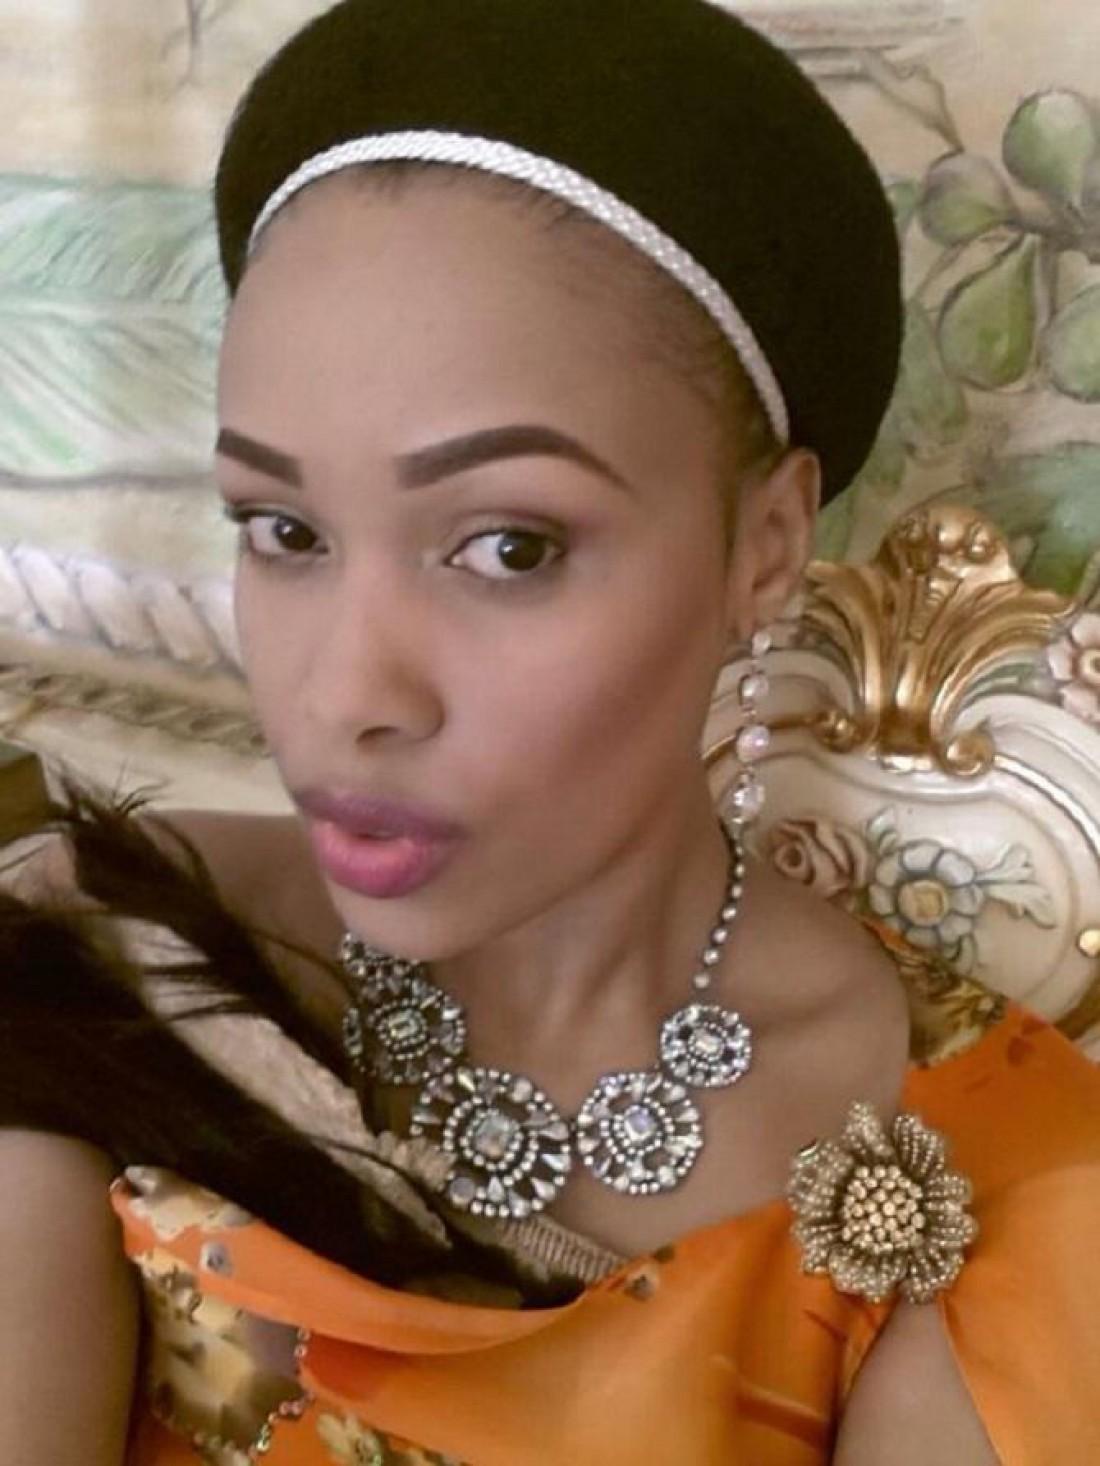 12-я по счету жена Мсвати III (король Свазиленда) — Нотандо Дубе